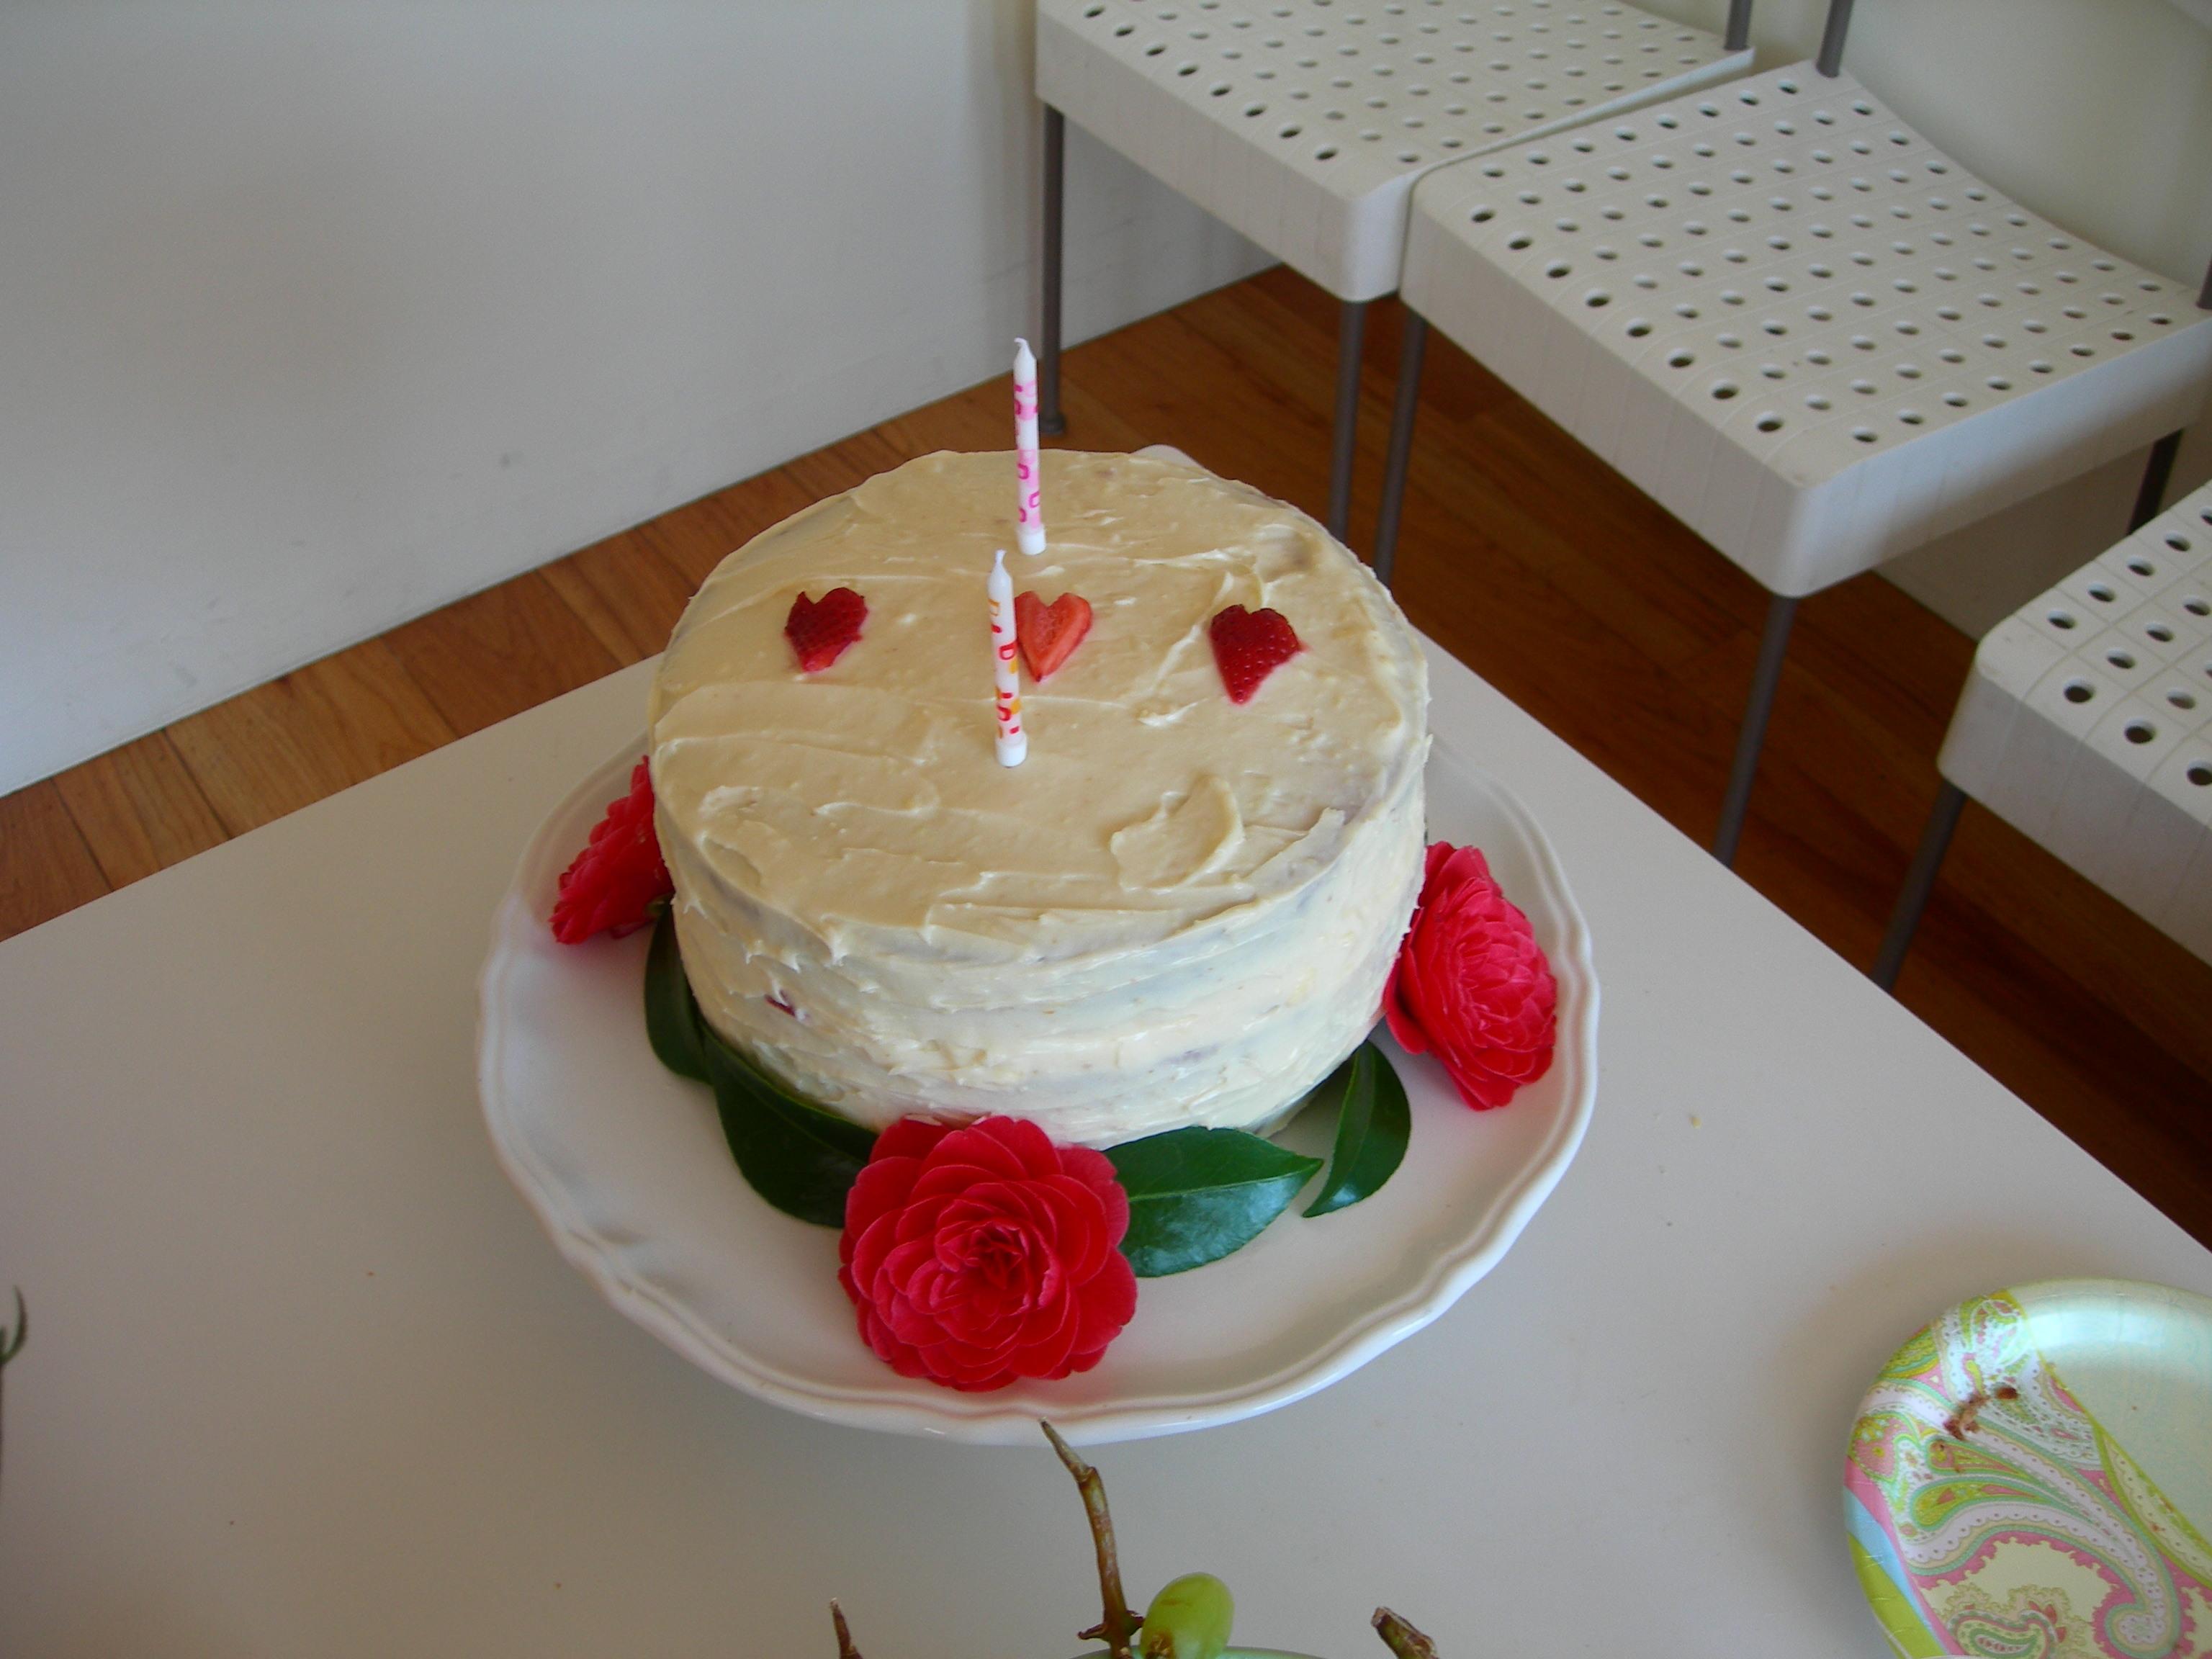 M's birthday cake # 1